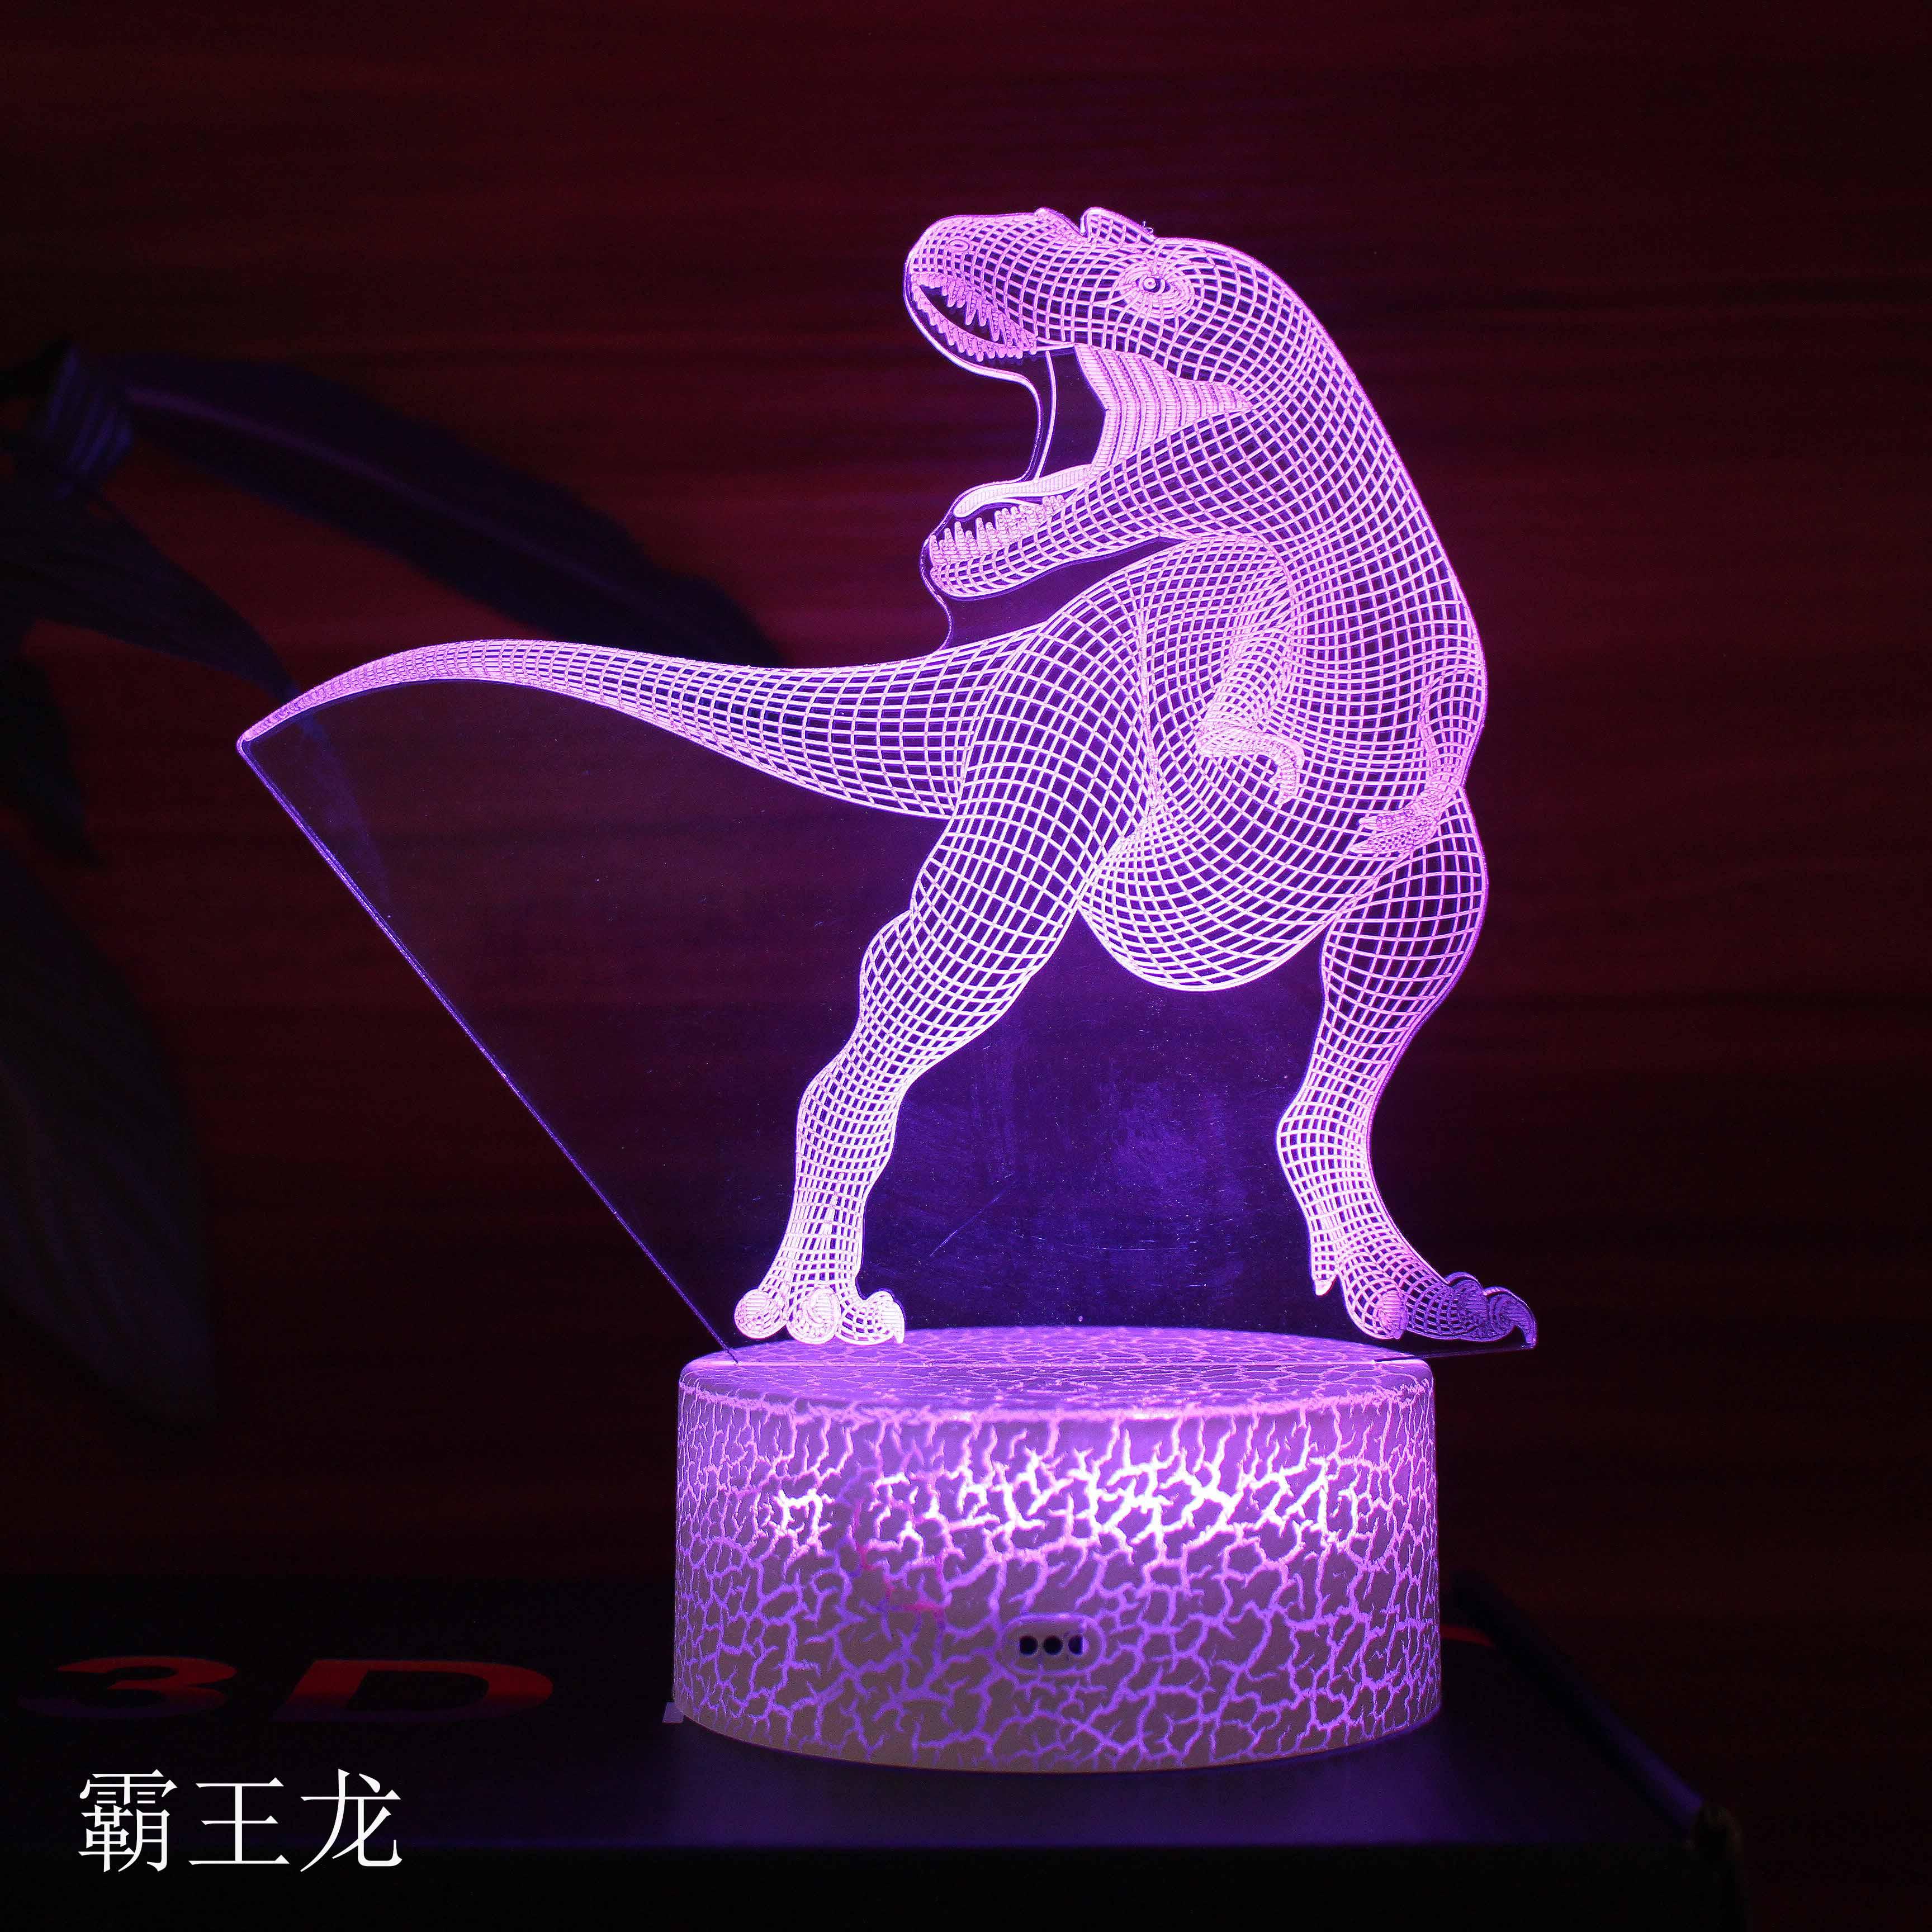 3D小夜灯恐龙系列霸王龙USB立体视觉LED台灯卧室生日礼物促销礼品